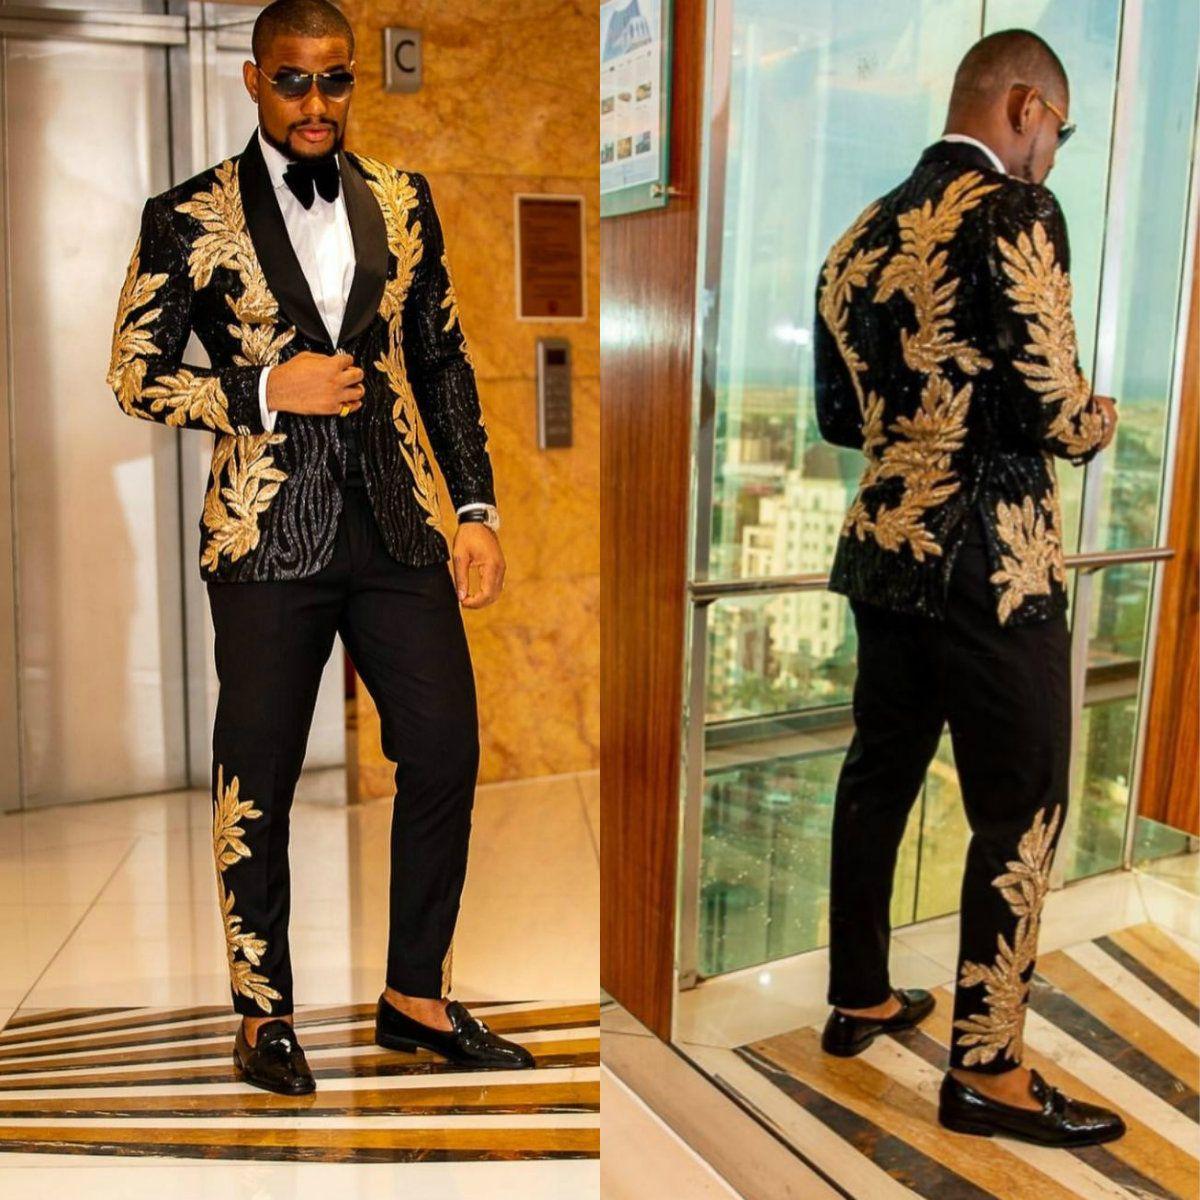 الرجال السود الدعاوى مع التطريز الذهب مطرز قطعتين شال التلبيب مصمم الزفاف البدلات الرسمية الذهب رجل سترة والسراويل